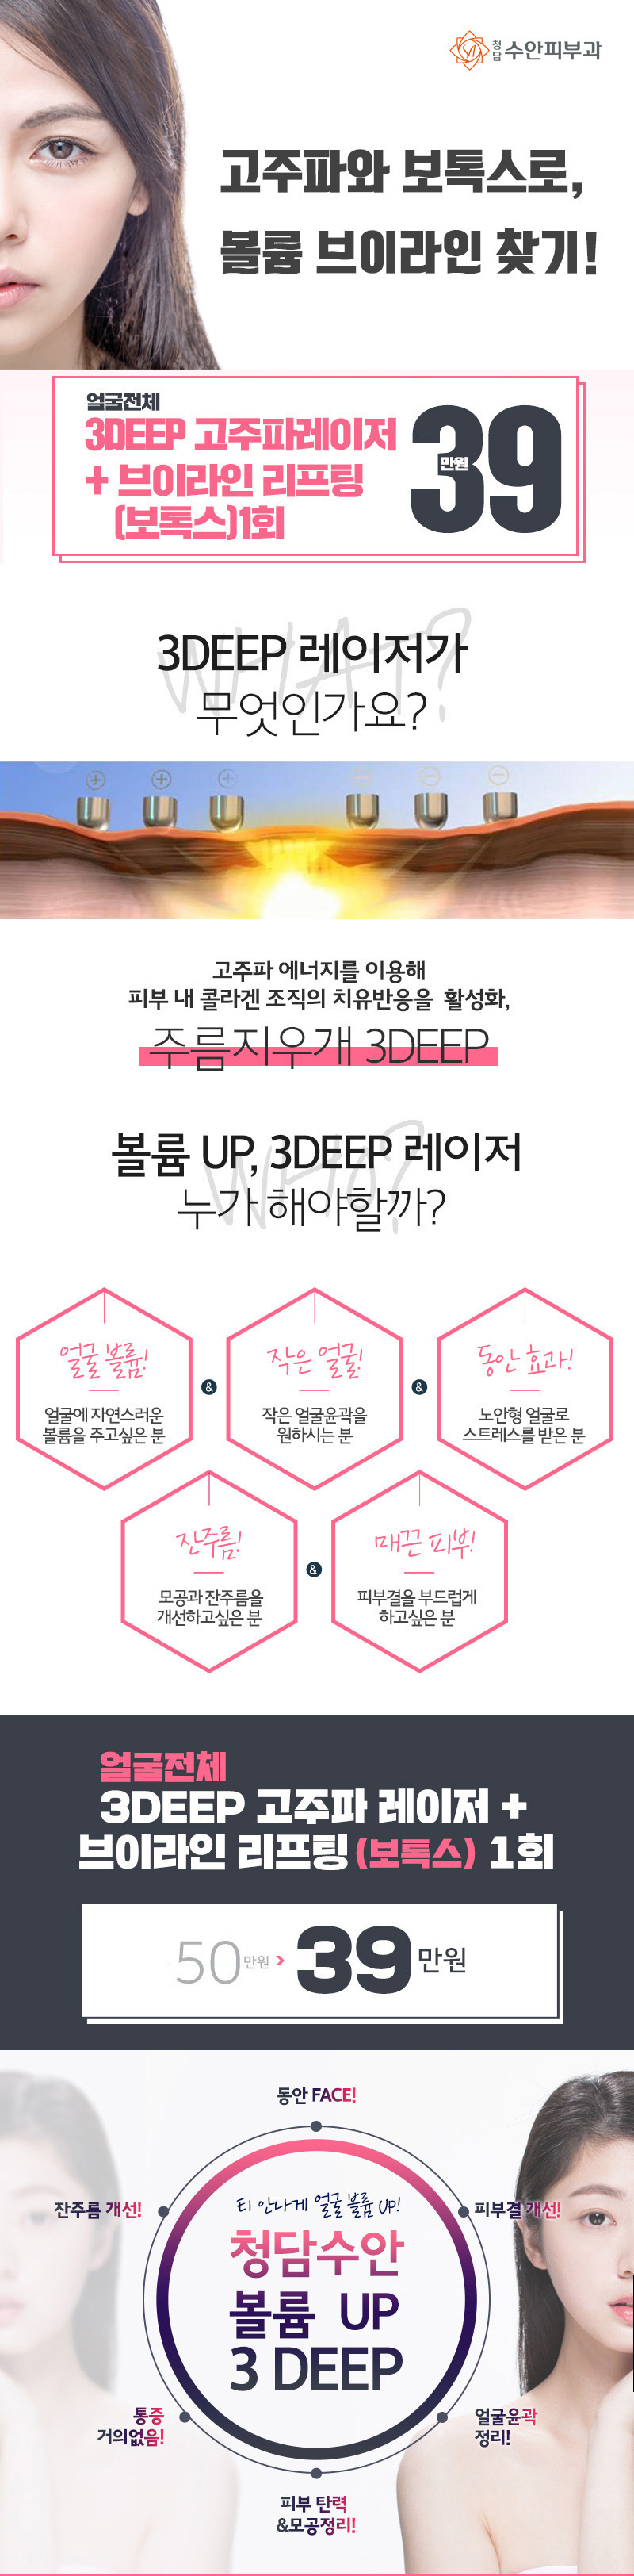 D event info a880c4a94e183758d1